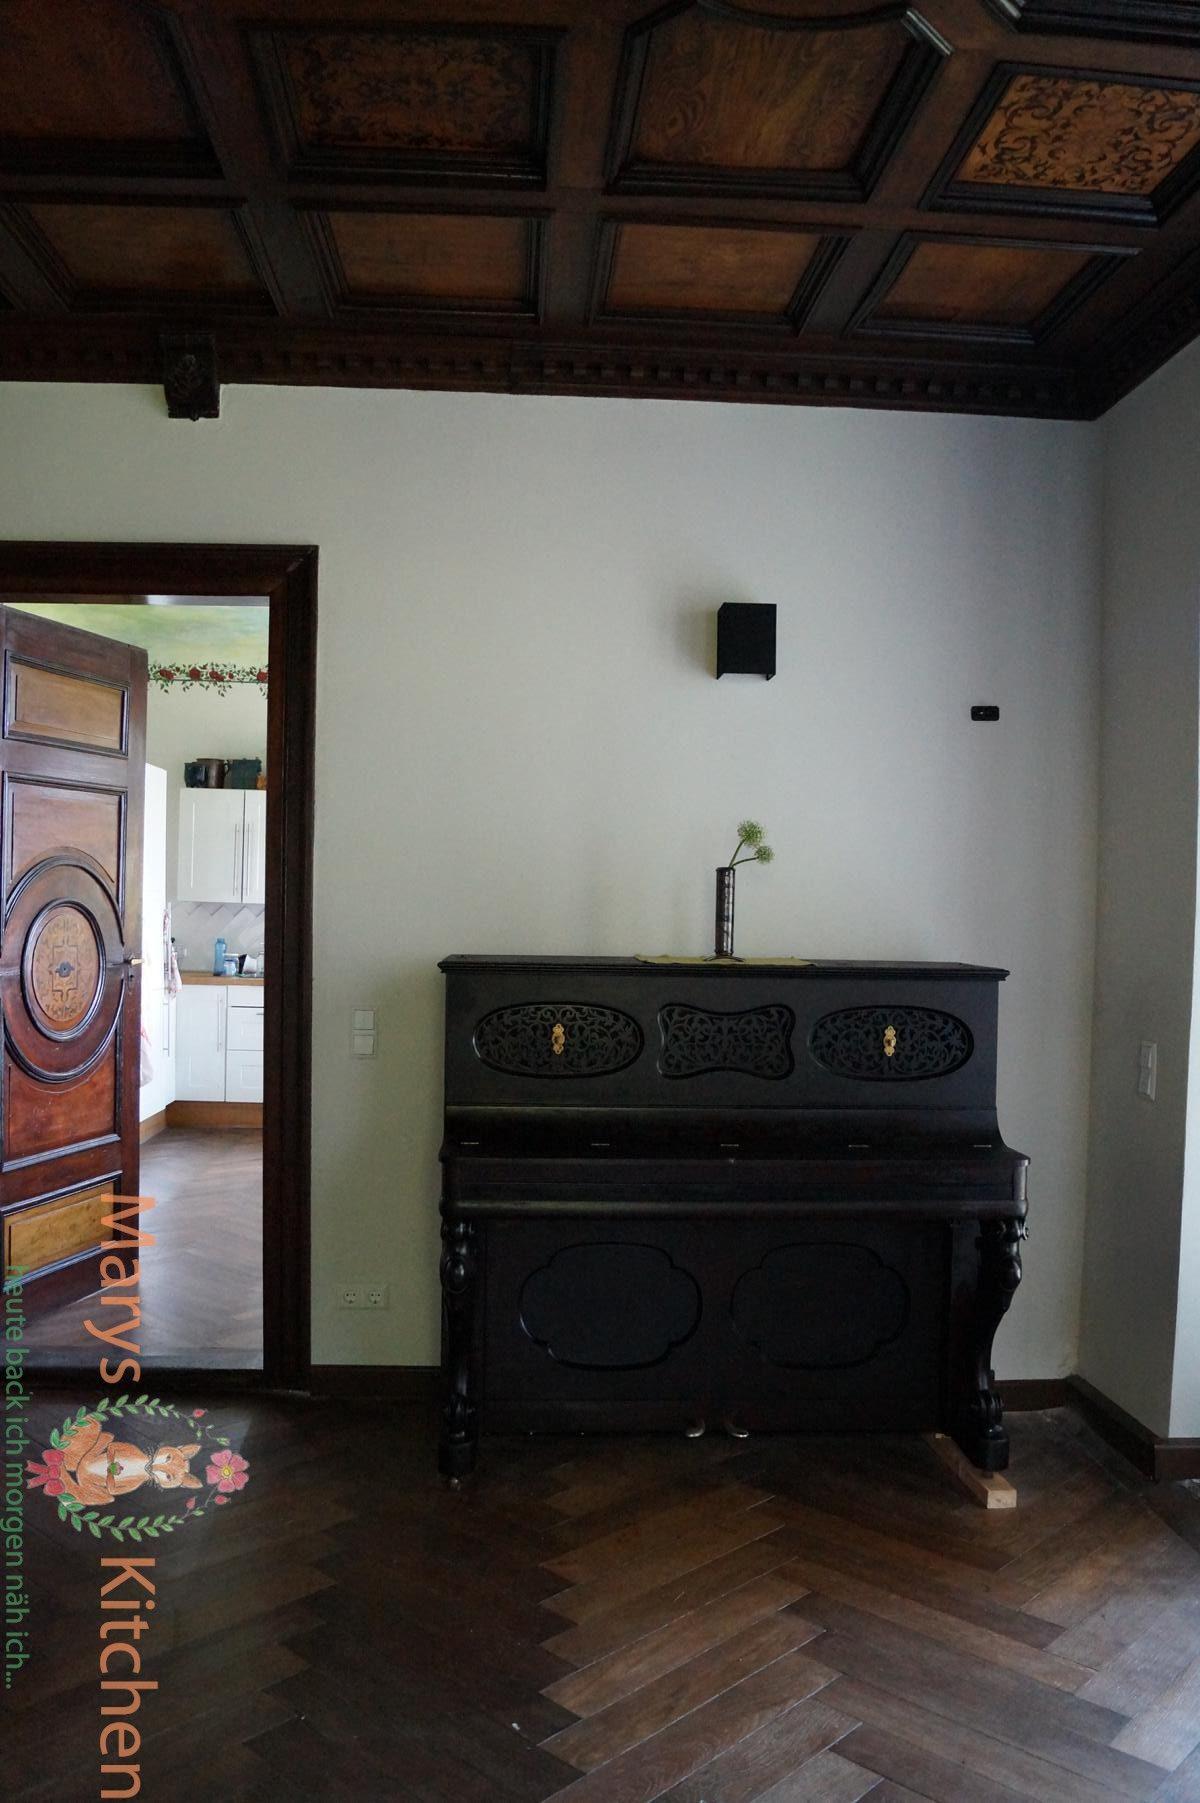 kche renovieren aus alt mach neu free neu kche renovieren ideen x erstaunlich kche renovieren. Black Bedroom Furniture Sets. Home Design Ideas